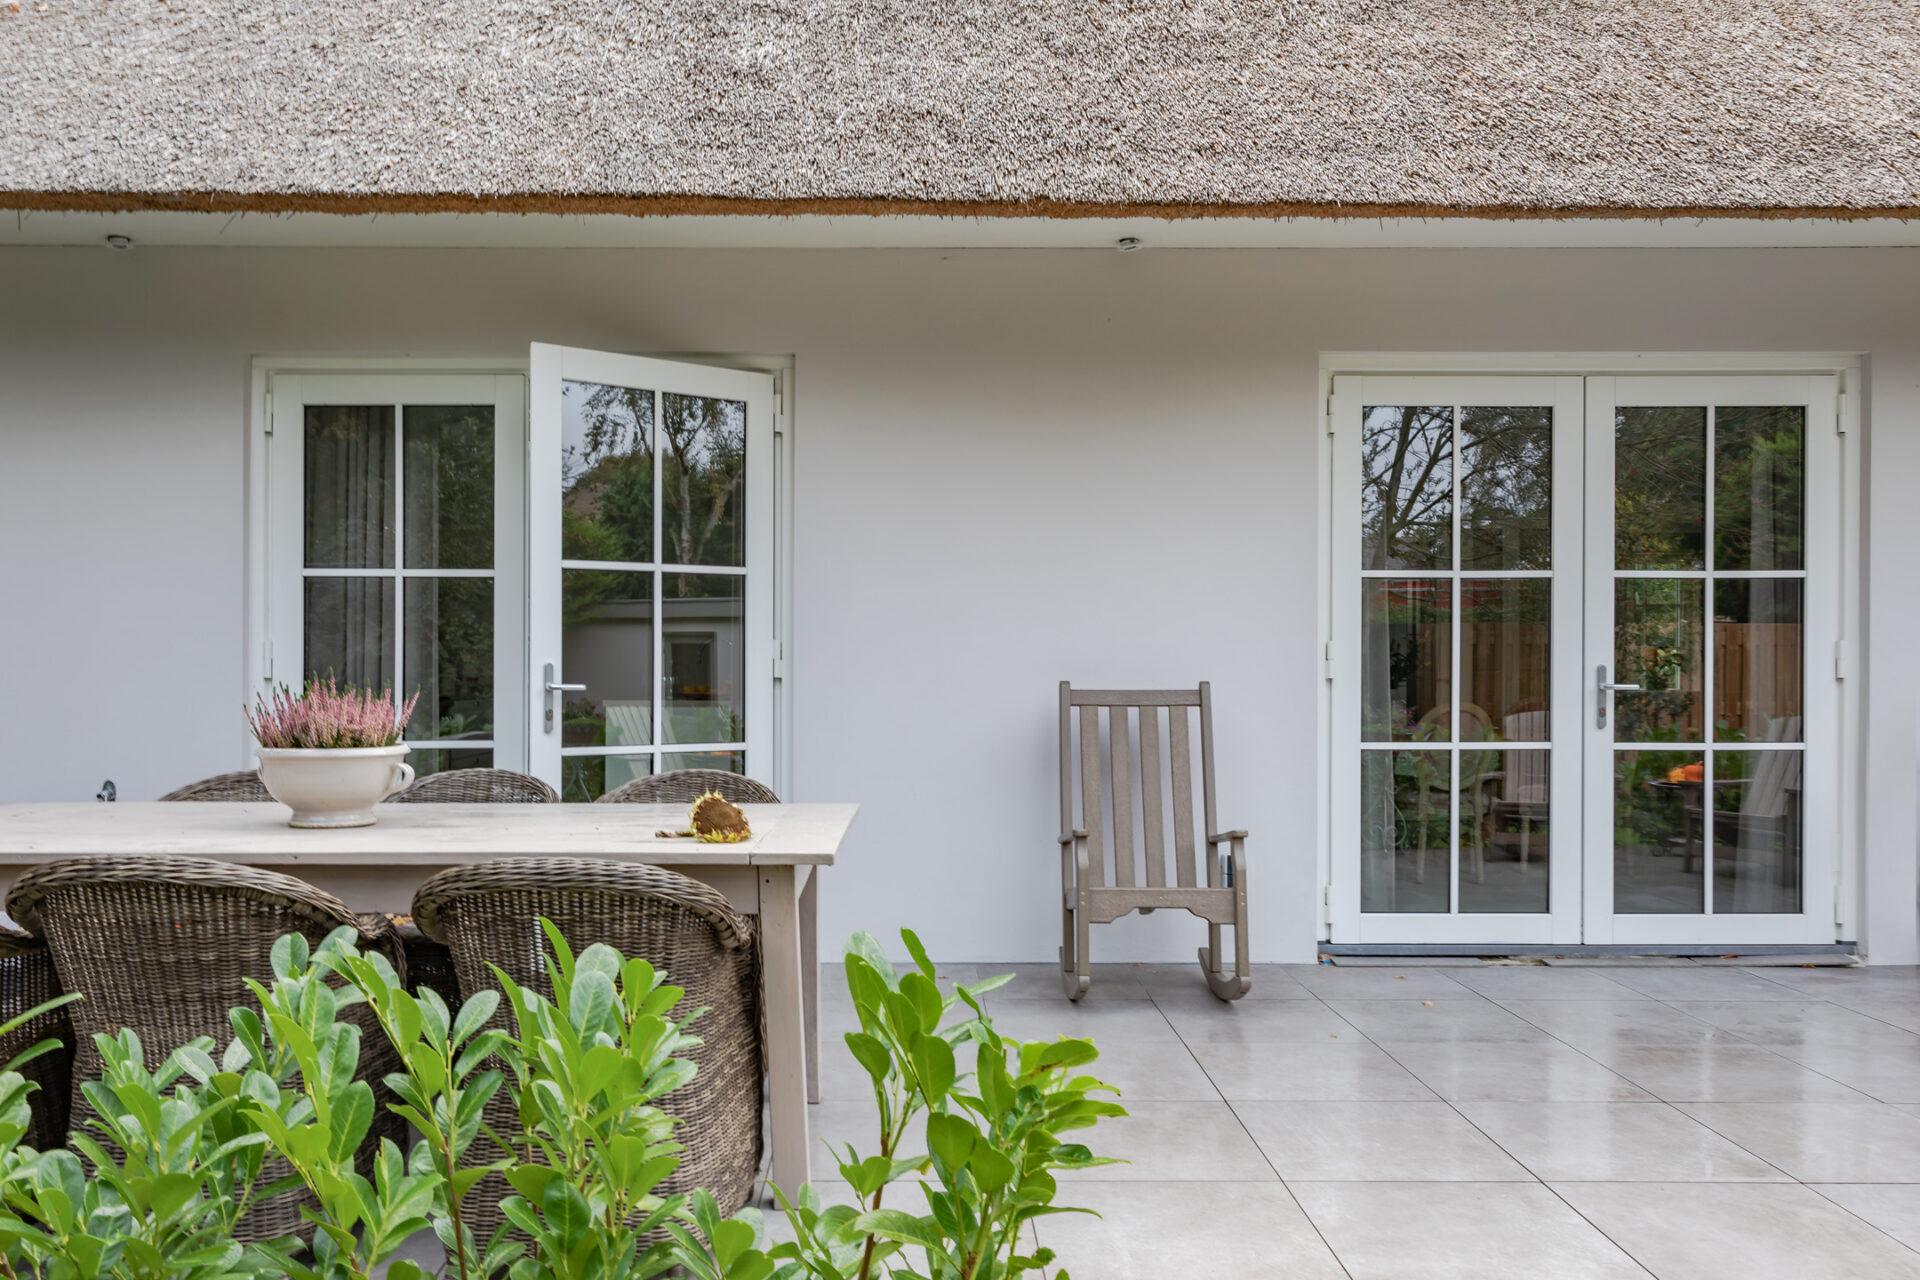 Select Windows kunststof kozijnen - kunststof kozijnen Bergen - kunststof ramen en tuindeuren